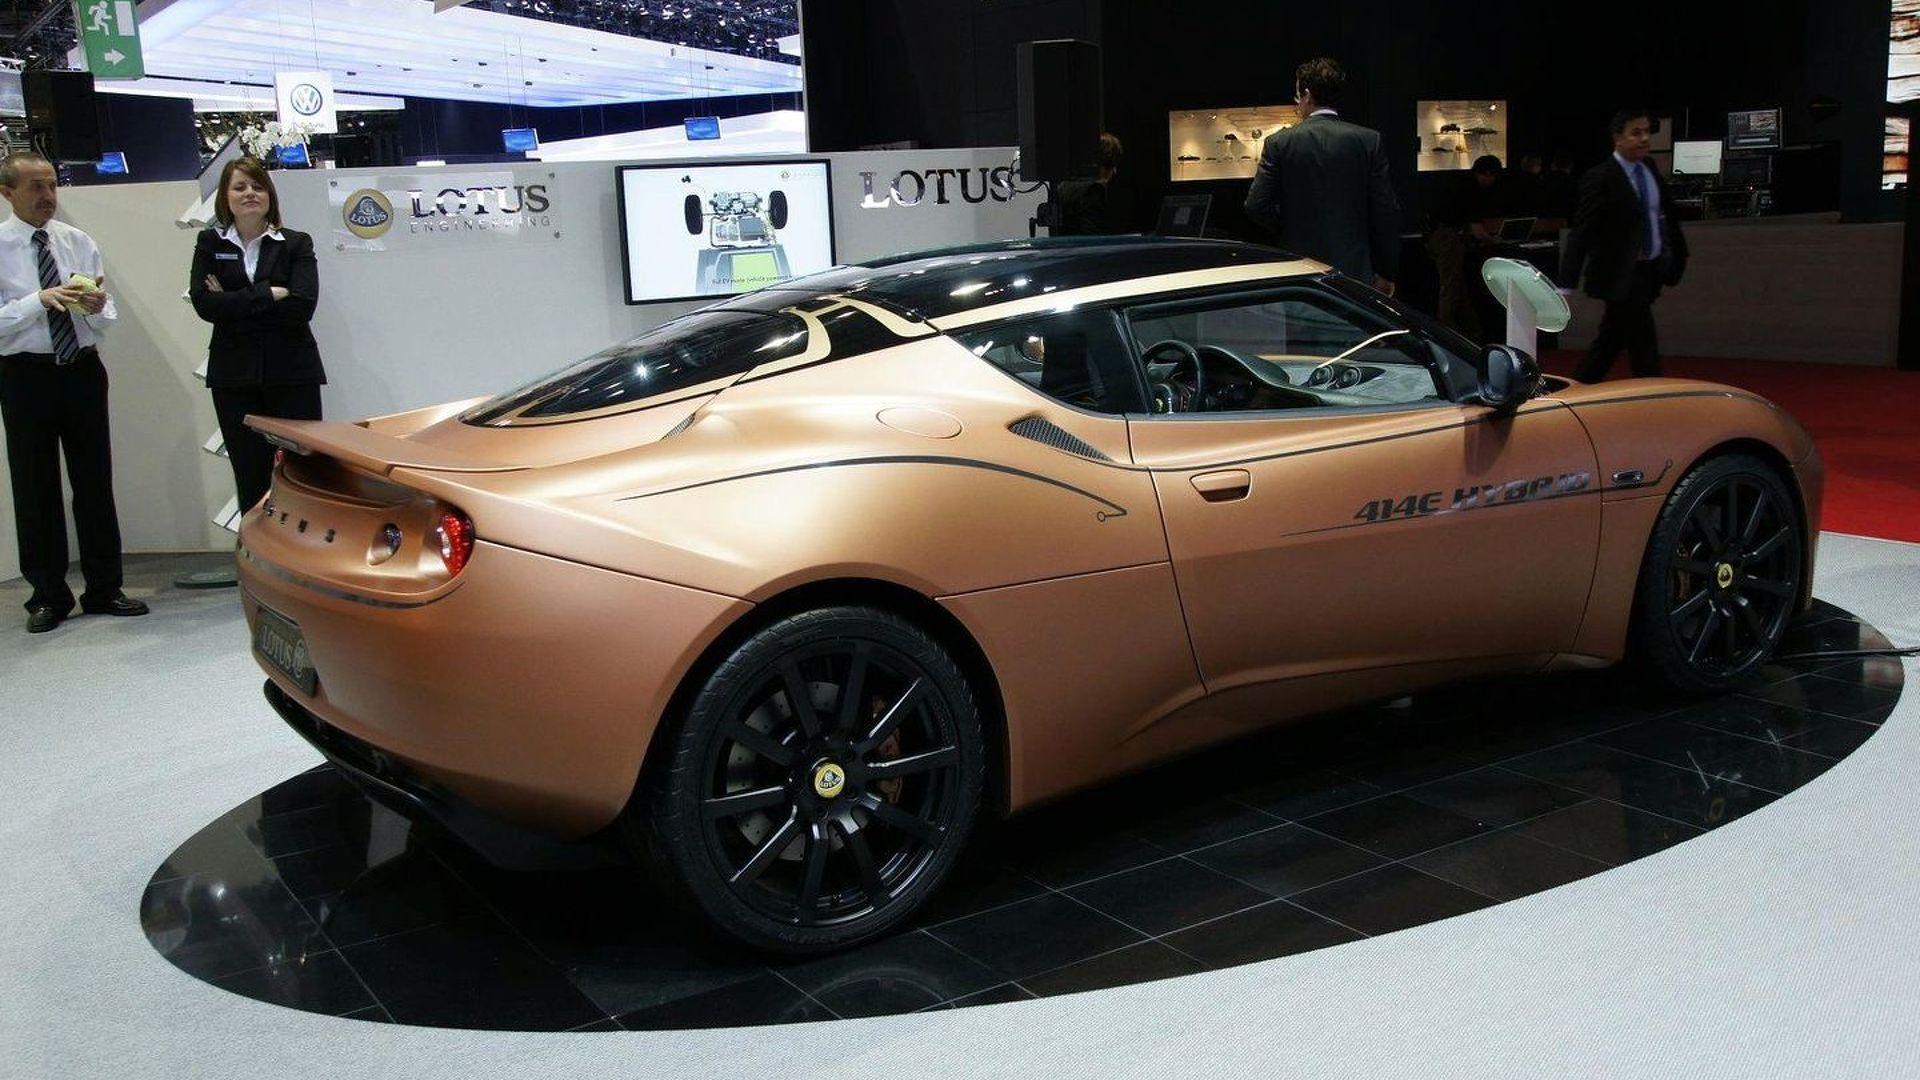 Lotus Evora 414E Hybrid World Debut in Geneva